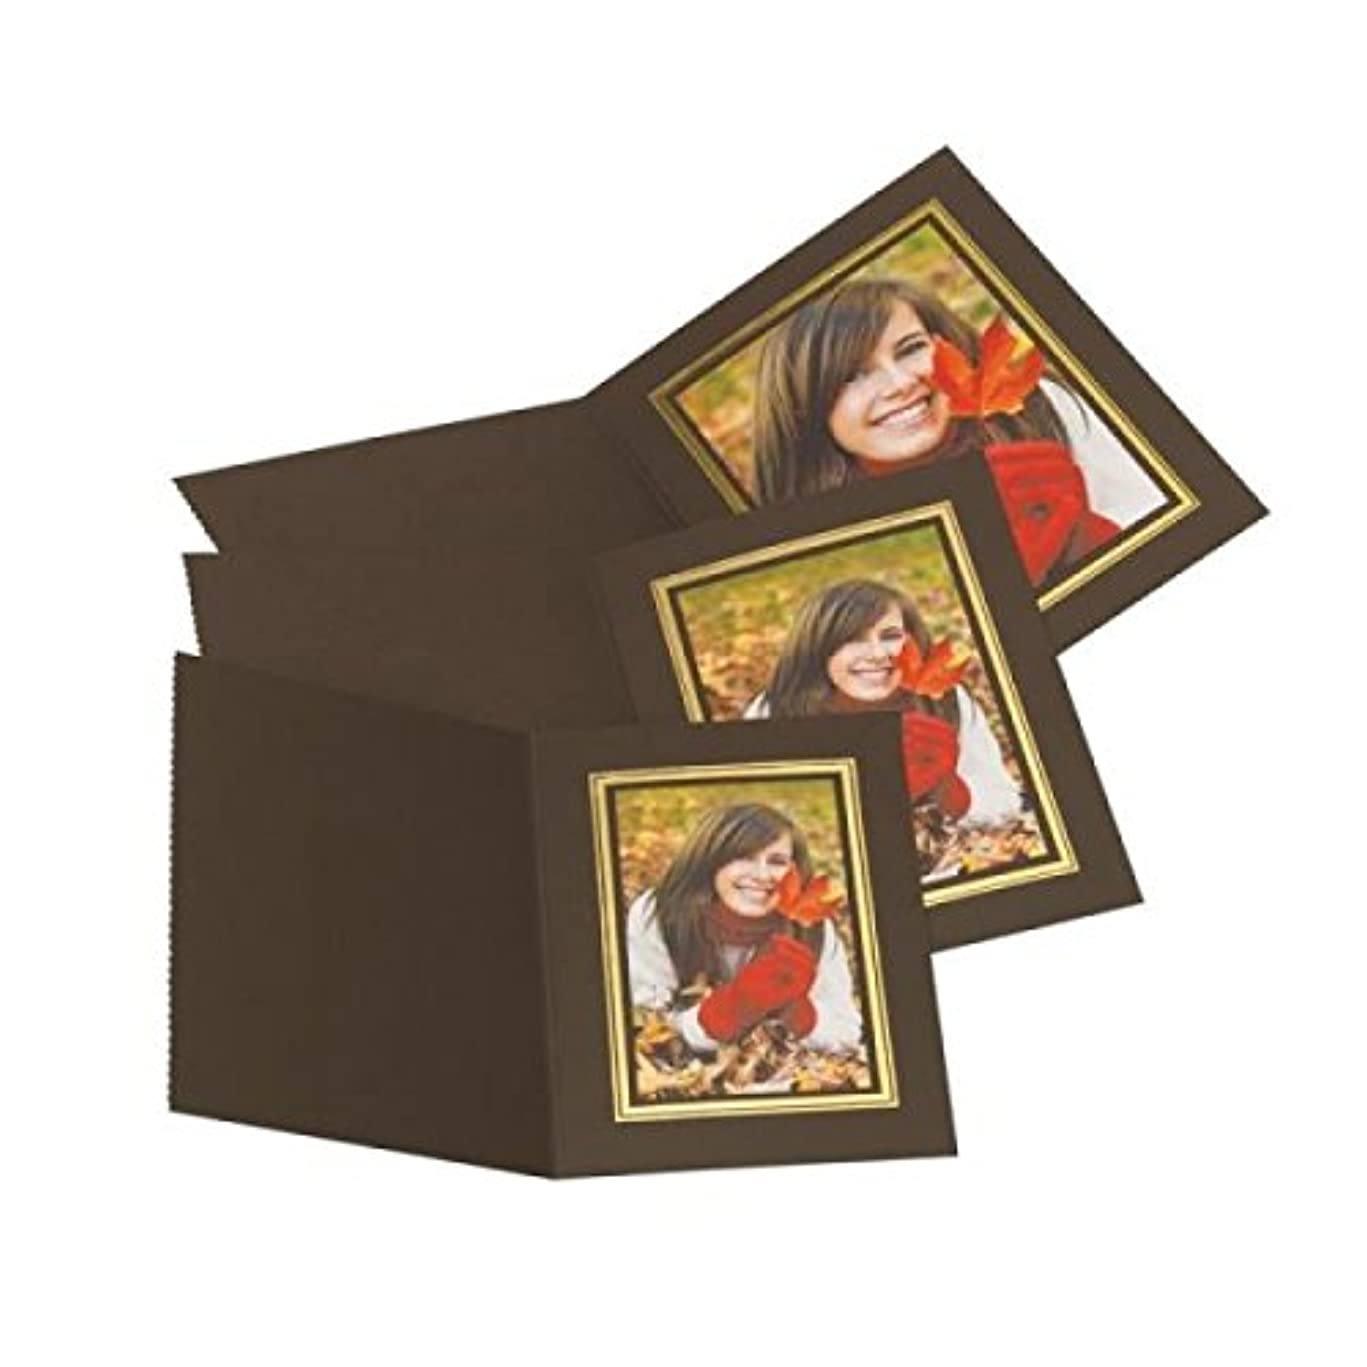 消毒するつまらない鎖Kenro Slip In Photo Folder 8x12'' Upright Pack 10 Brown Gold [PMA058/10]